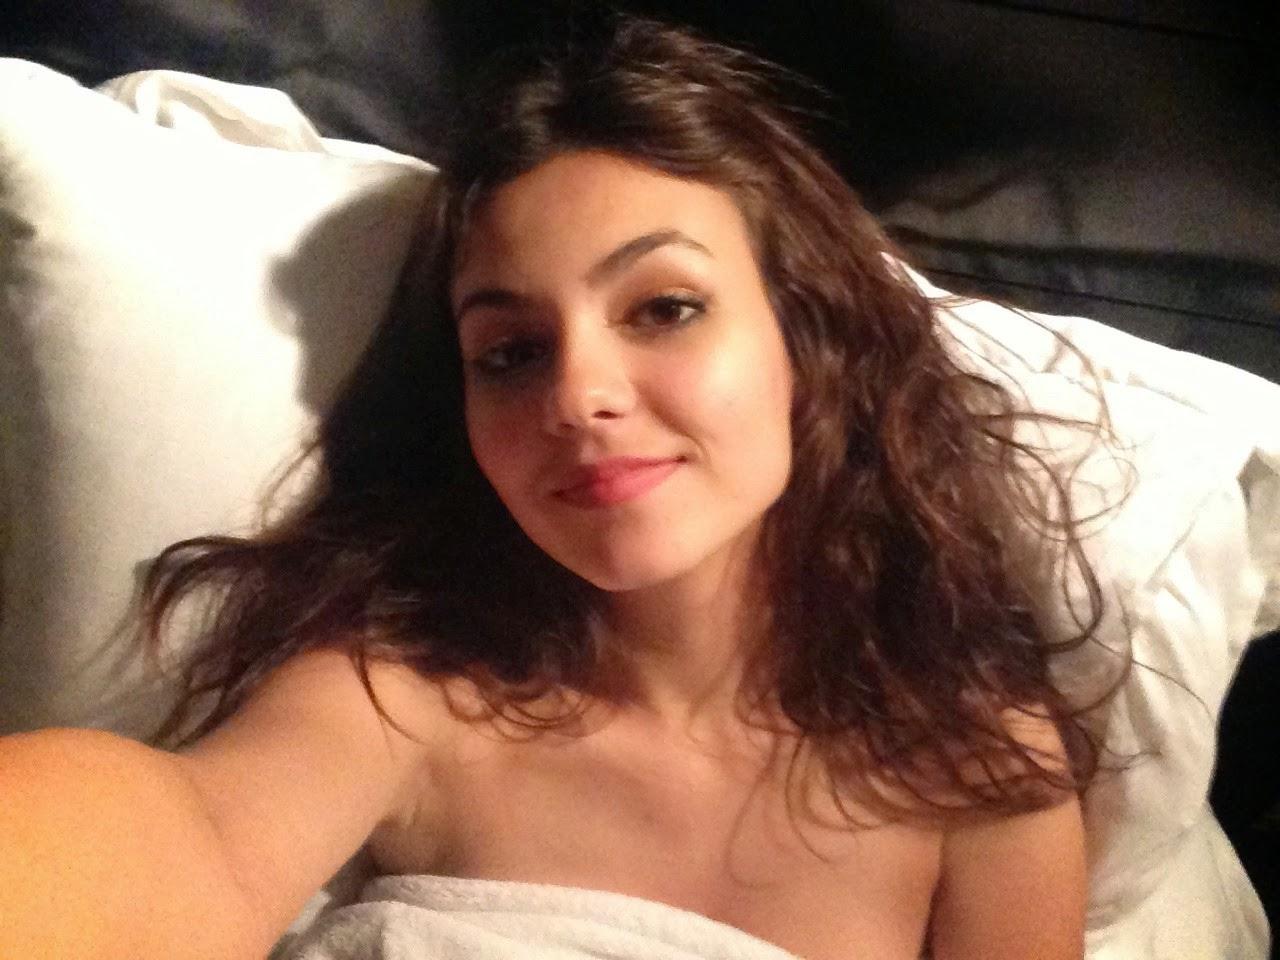 Victoria Justice Topless, Victoria Justice nude, Victoria Justice Topless stolen pictures, Victoria Justice hacked